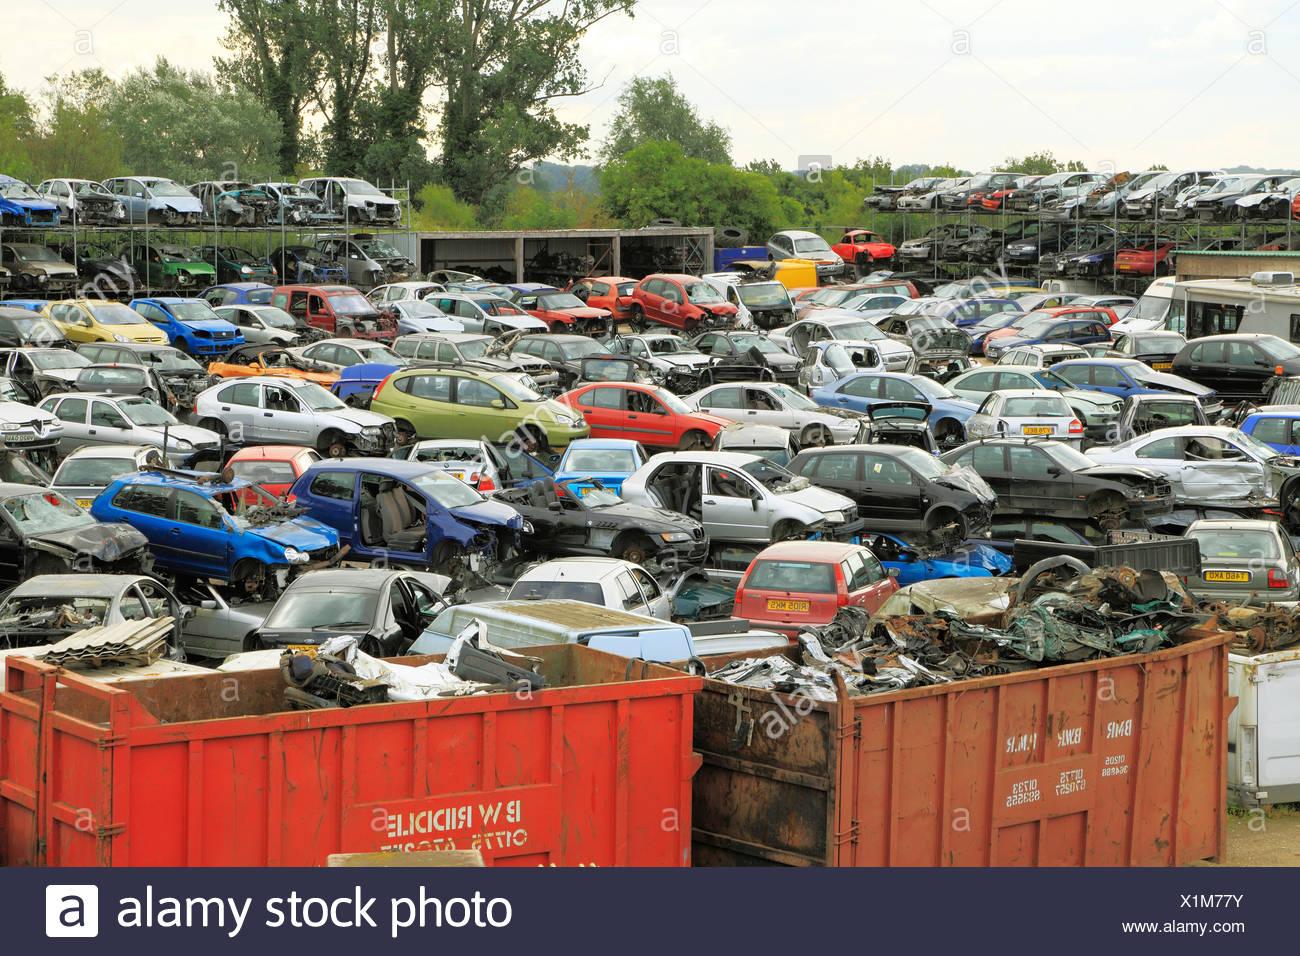 Zerstörte Fahrzeuge Dump, Schrottplatz, recycling-Depot Autos Schrottplätze dumps Depots Fahrzeug Wracks Wereham Norfolk England UK Stockbild